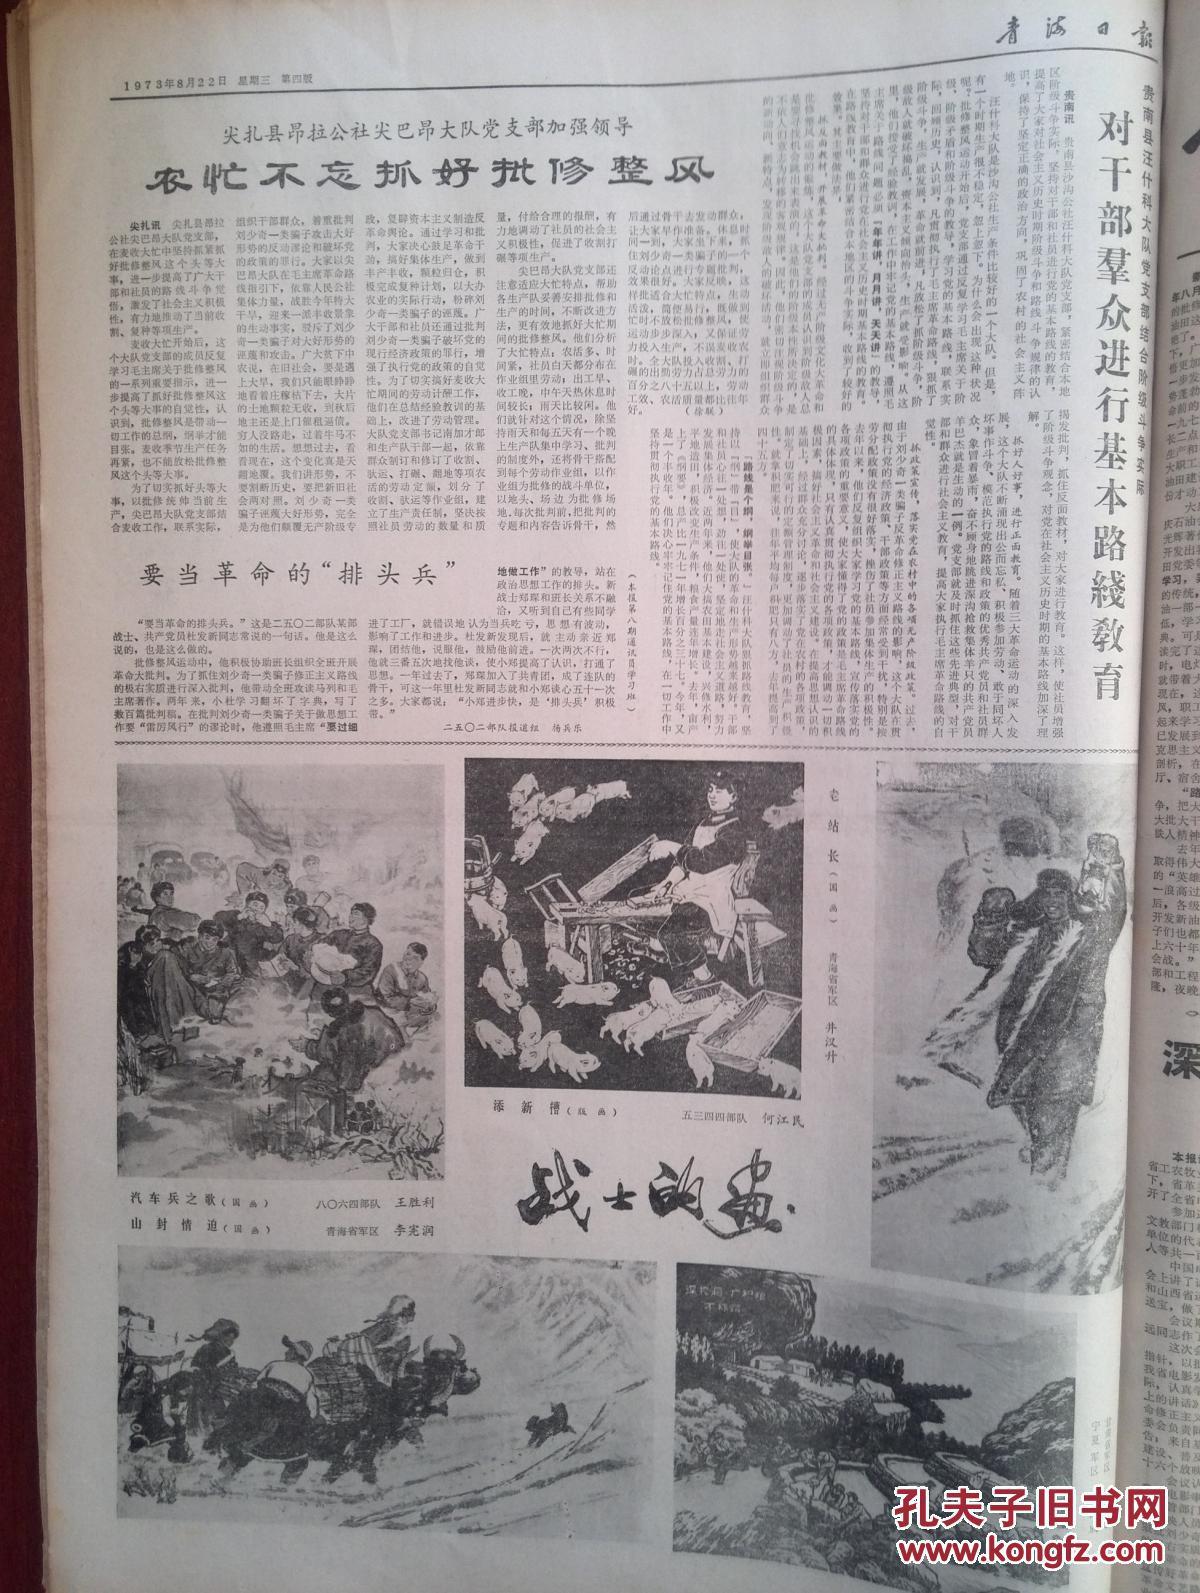 1973年8月22日,云南召开妇代会,元朔公社山区建设,战士的画(何江民,王